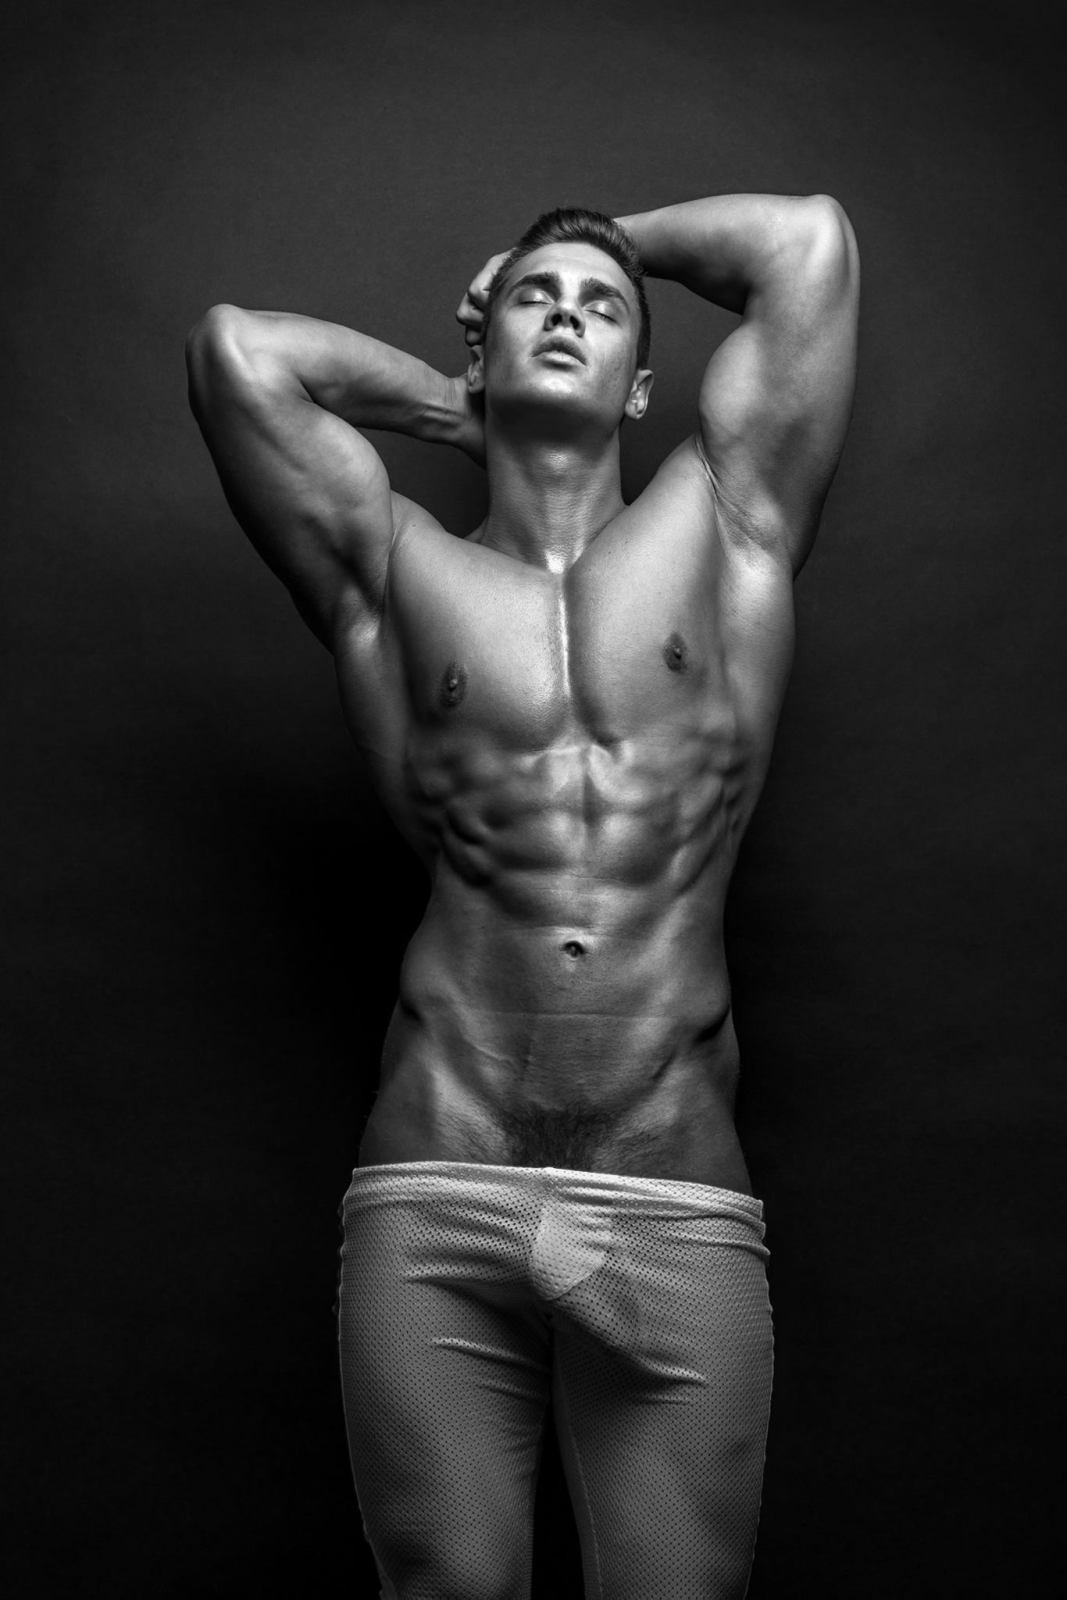 Как женщины смотрят на голое мужское тело почитателей